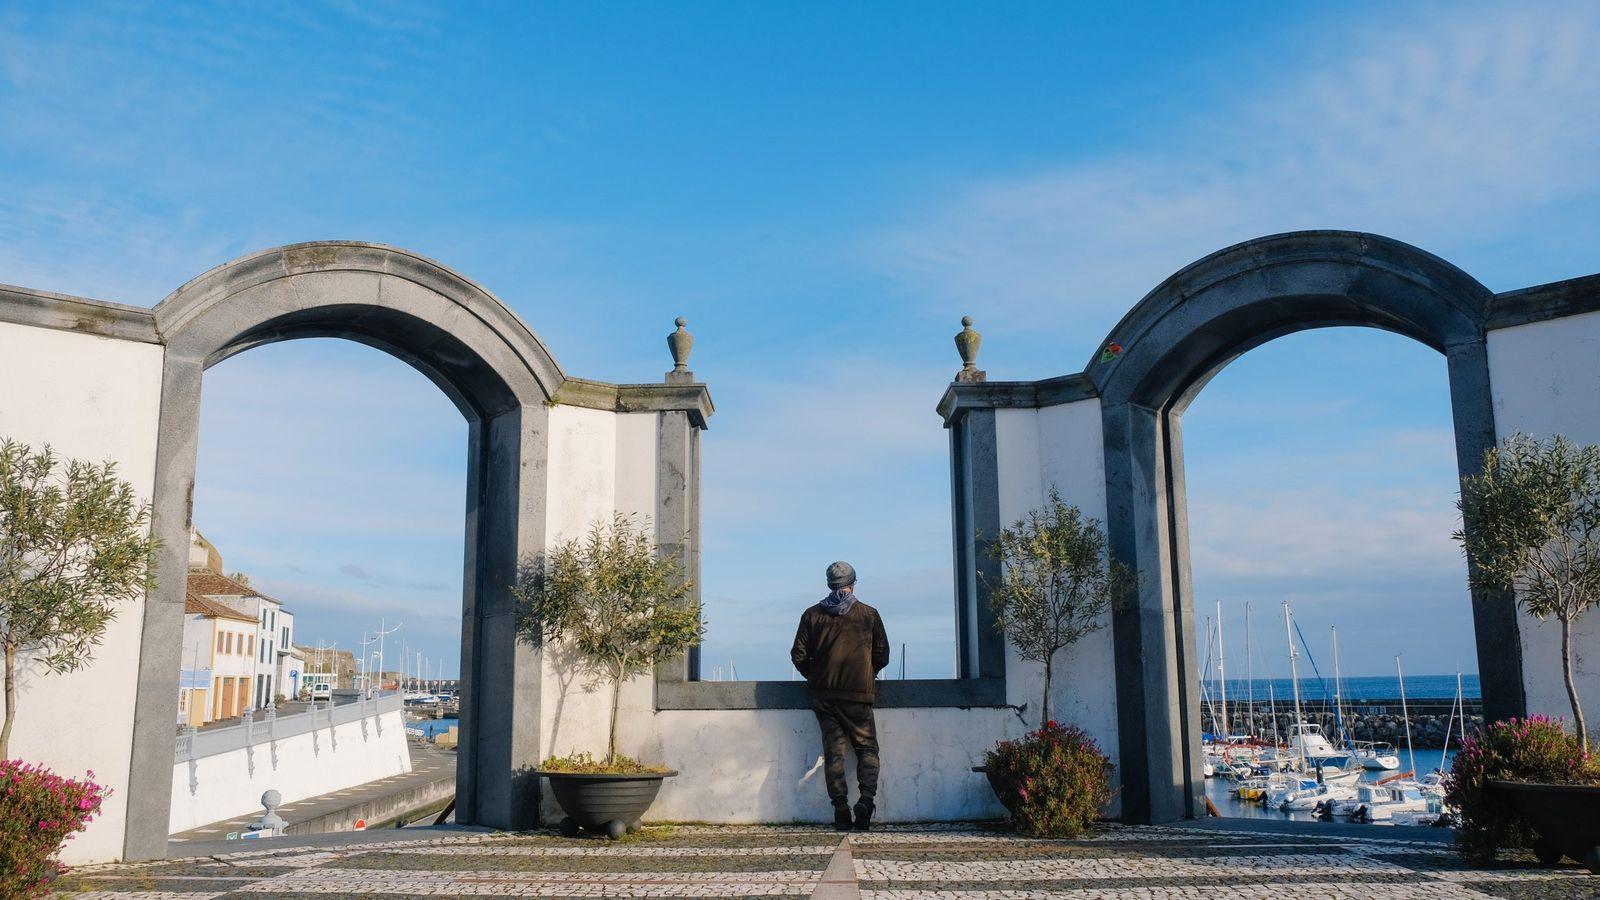 No dia 22 de março de 2020, em Angra do Heroísmo, um homem solitário olhava para ...